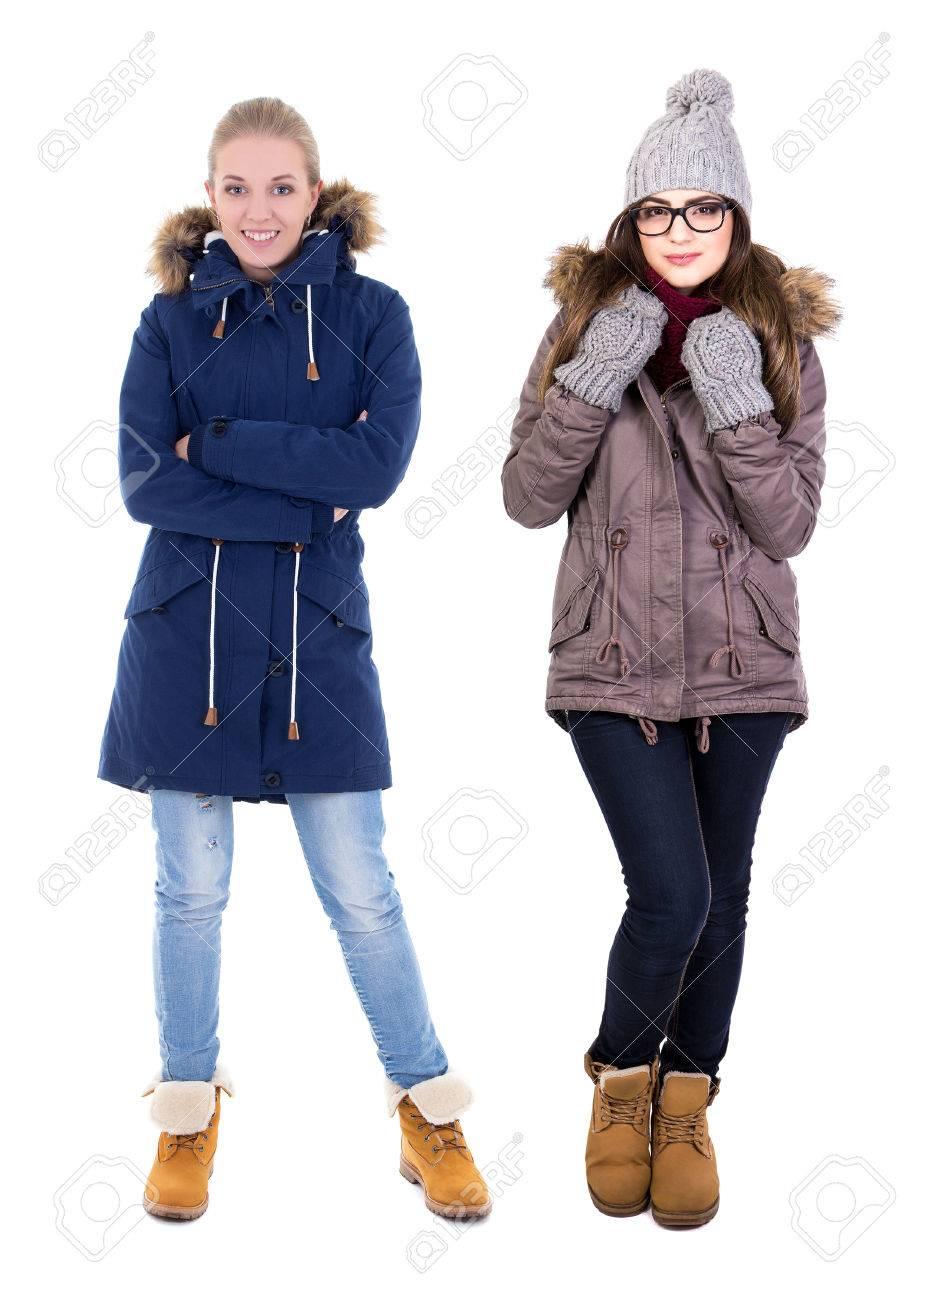 9a3db4c0ec62 Retrato de cuerpo entero de dos mujeres jóvenes en ropa de invierno  aislados en fondo blanco